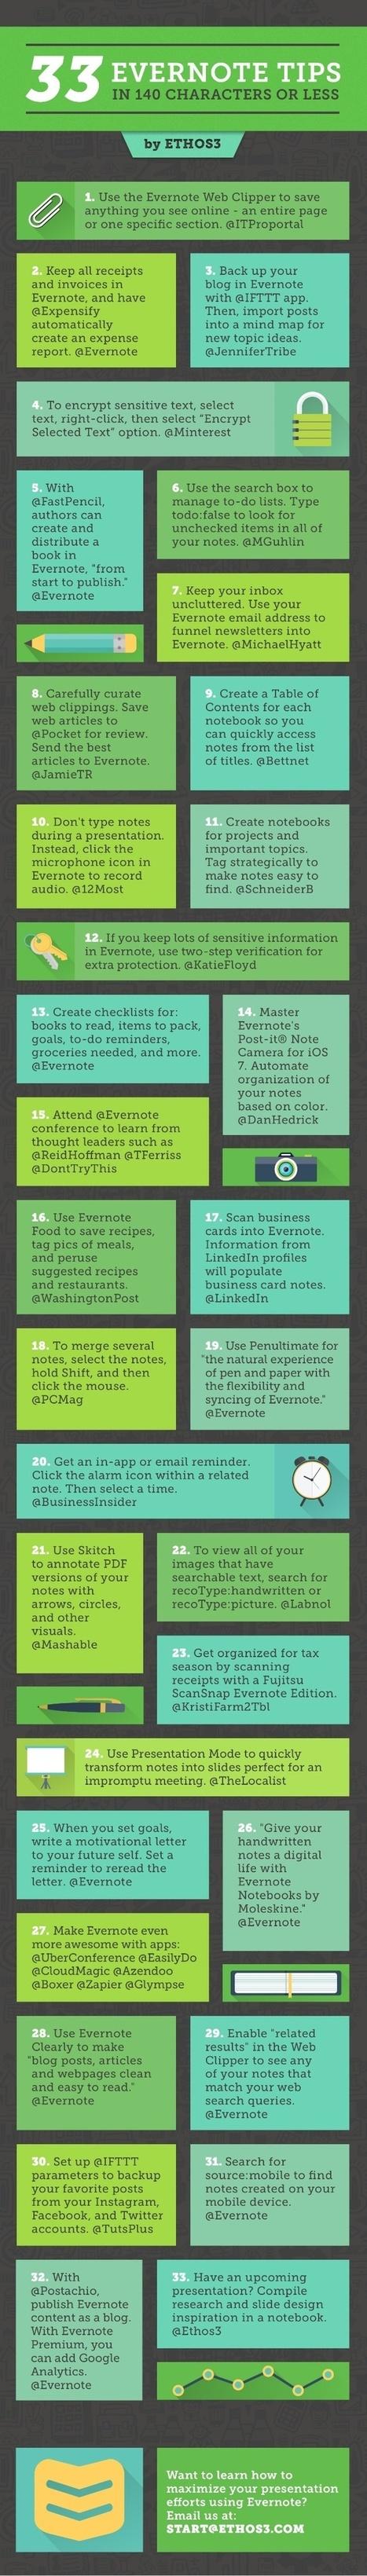 33 consejos sobre Evernote en 140 caracteres | Aprendiendo a Distancia | Scoop.it